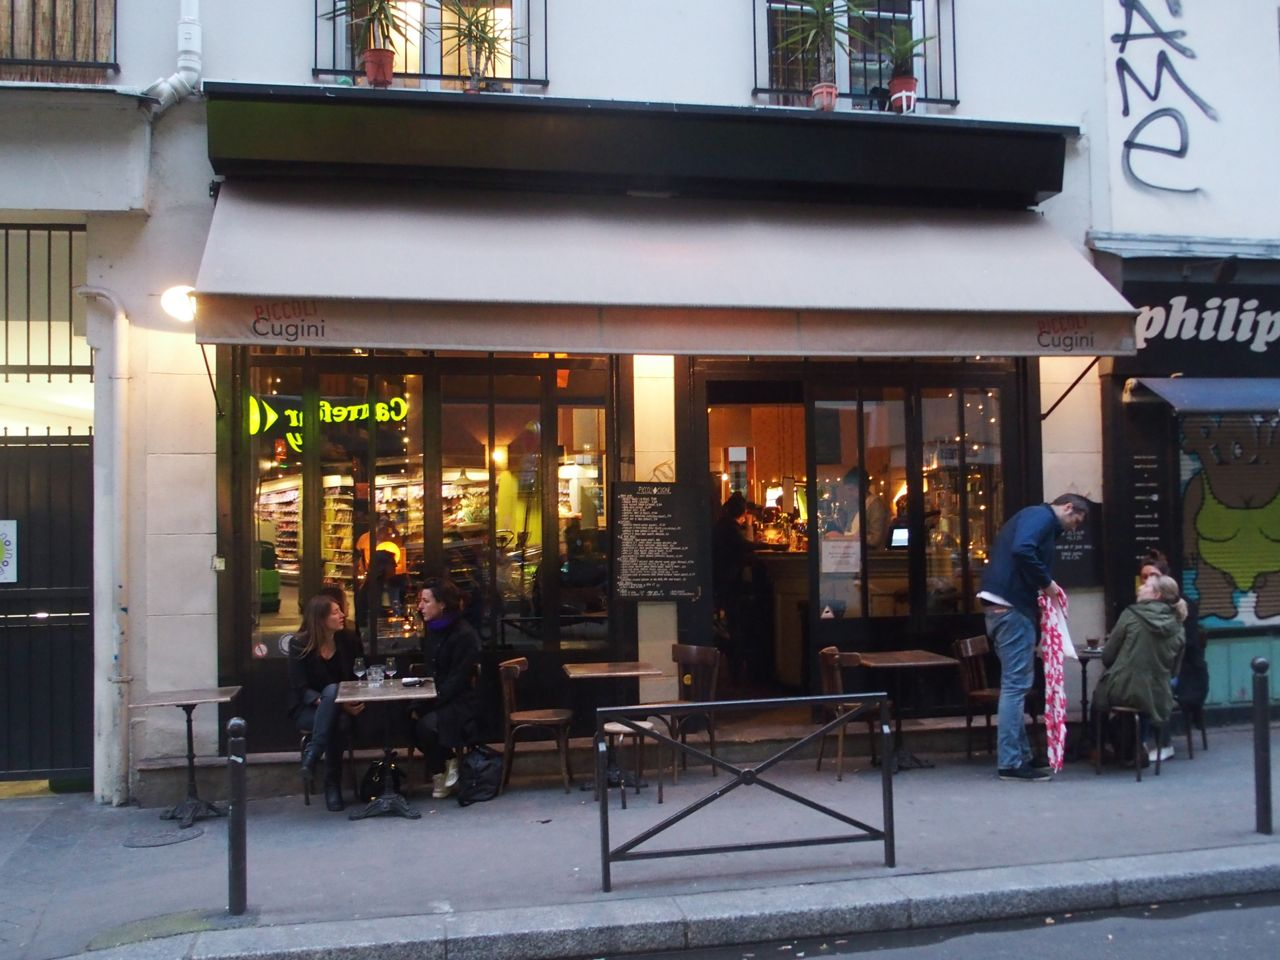 Piccoli cugini rue des vinaigriers the parisienne - Restaurant rue des vinaigriers ...